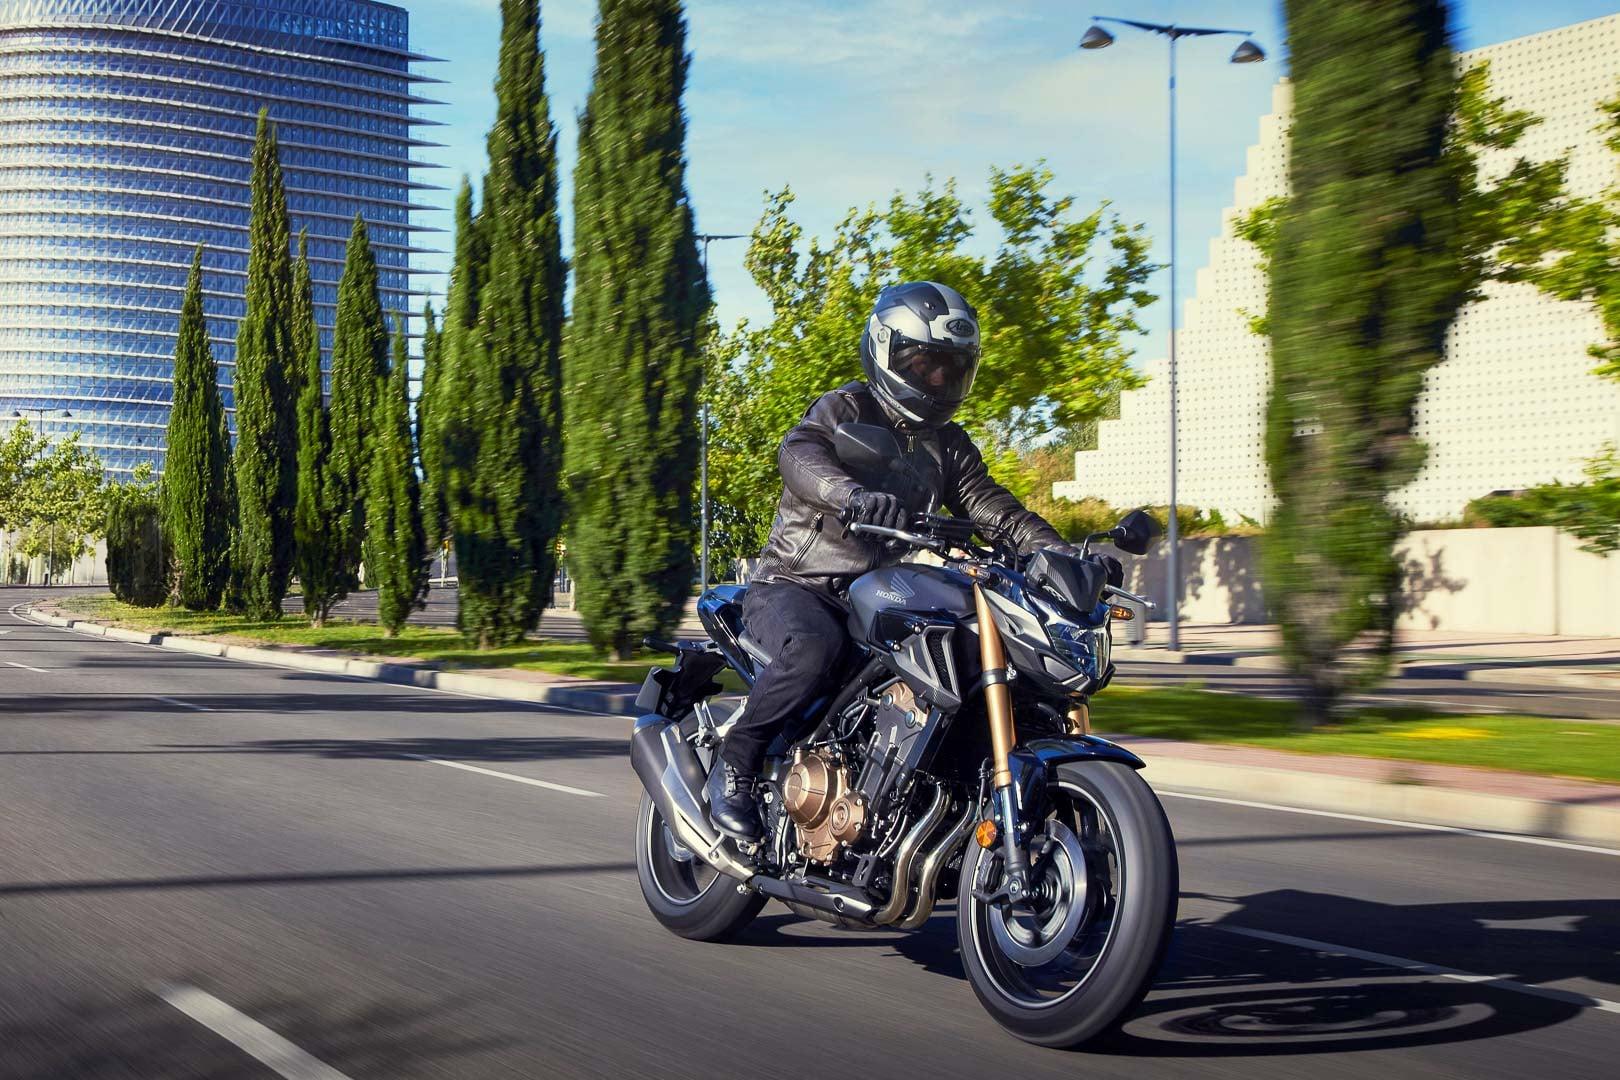 Bộ 3 xe mô tô phân khối lớn 500cc của Honda thêm loạt nâng cấp Honda CB500F 2022.jpg